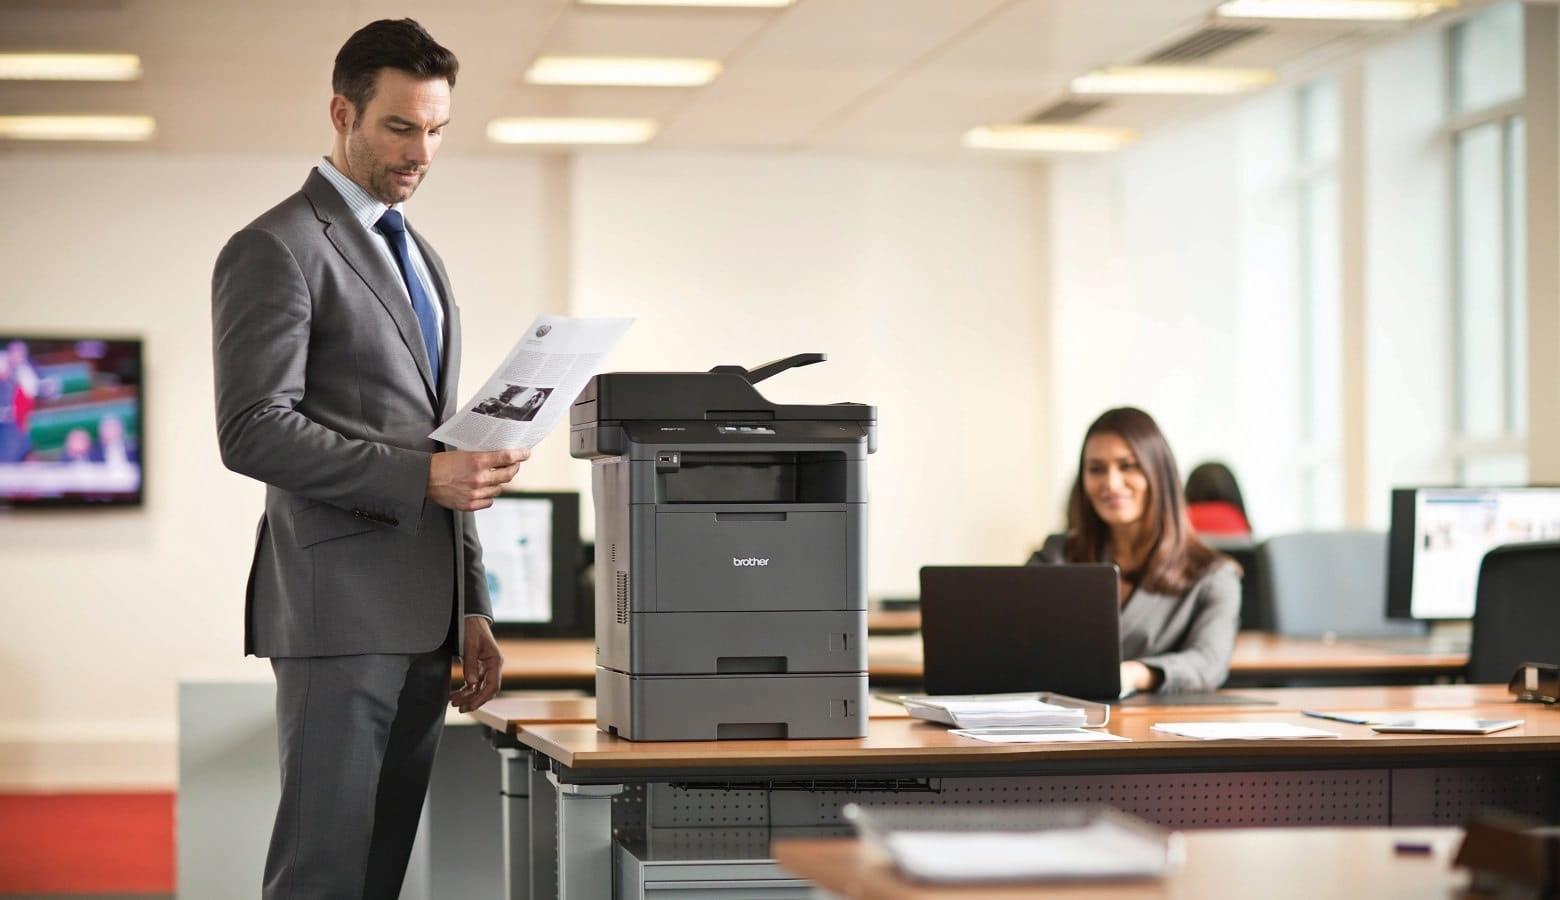 Impiegato in ufficio con foglio stampato dalla stampante multifunzione Brother MFCL5700DN